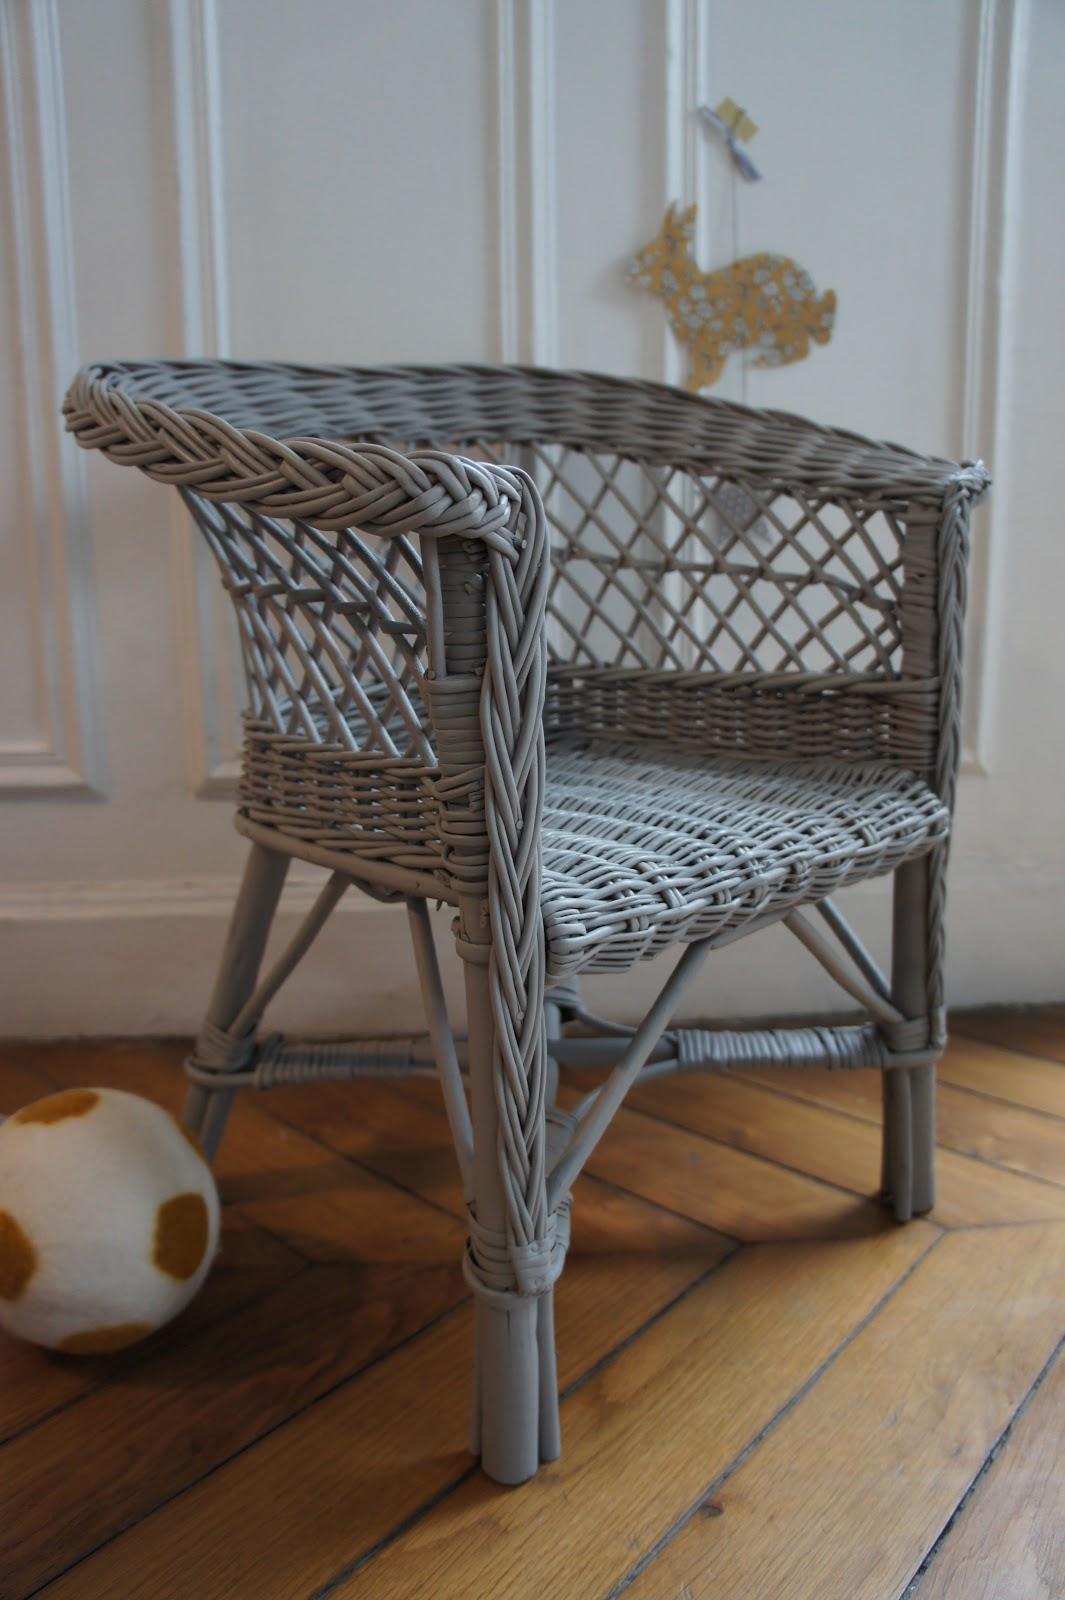 atelier petit toit fauteuils vintage pour enfants. Black Bedroom Furniture Sets. Home Design Ideas